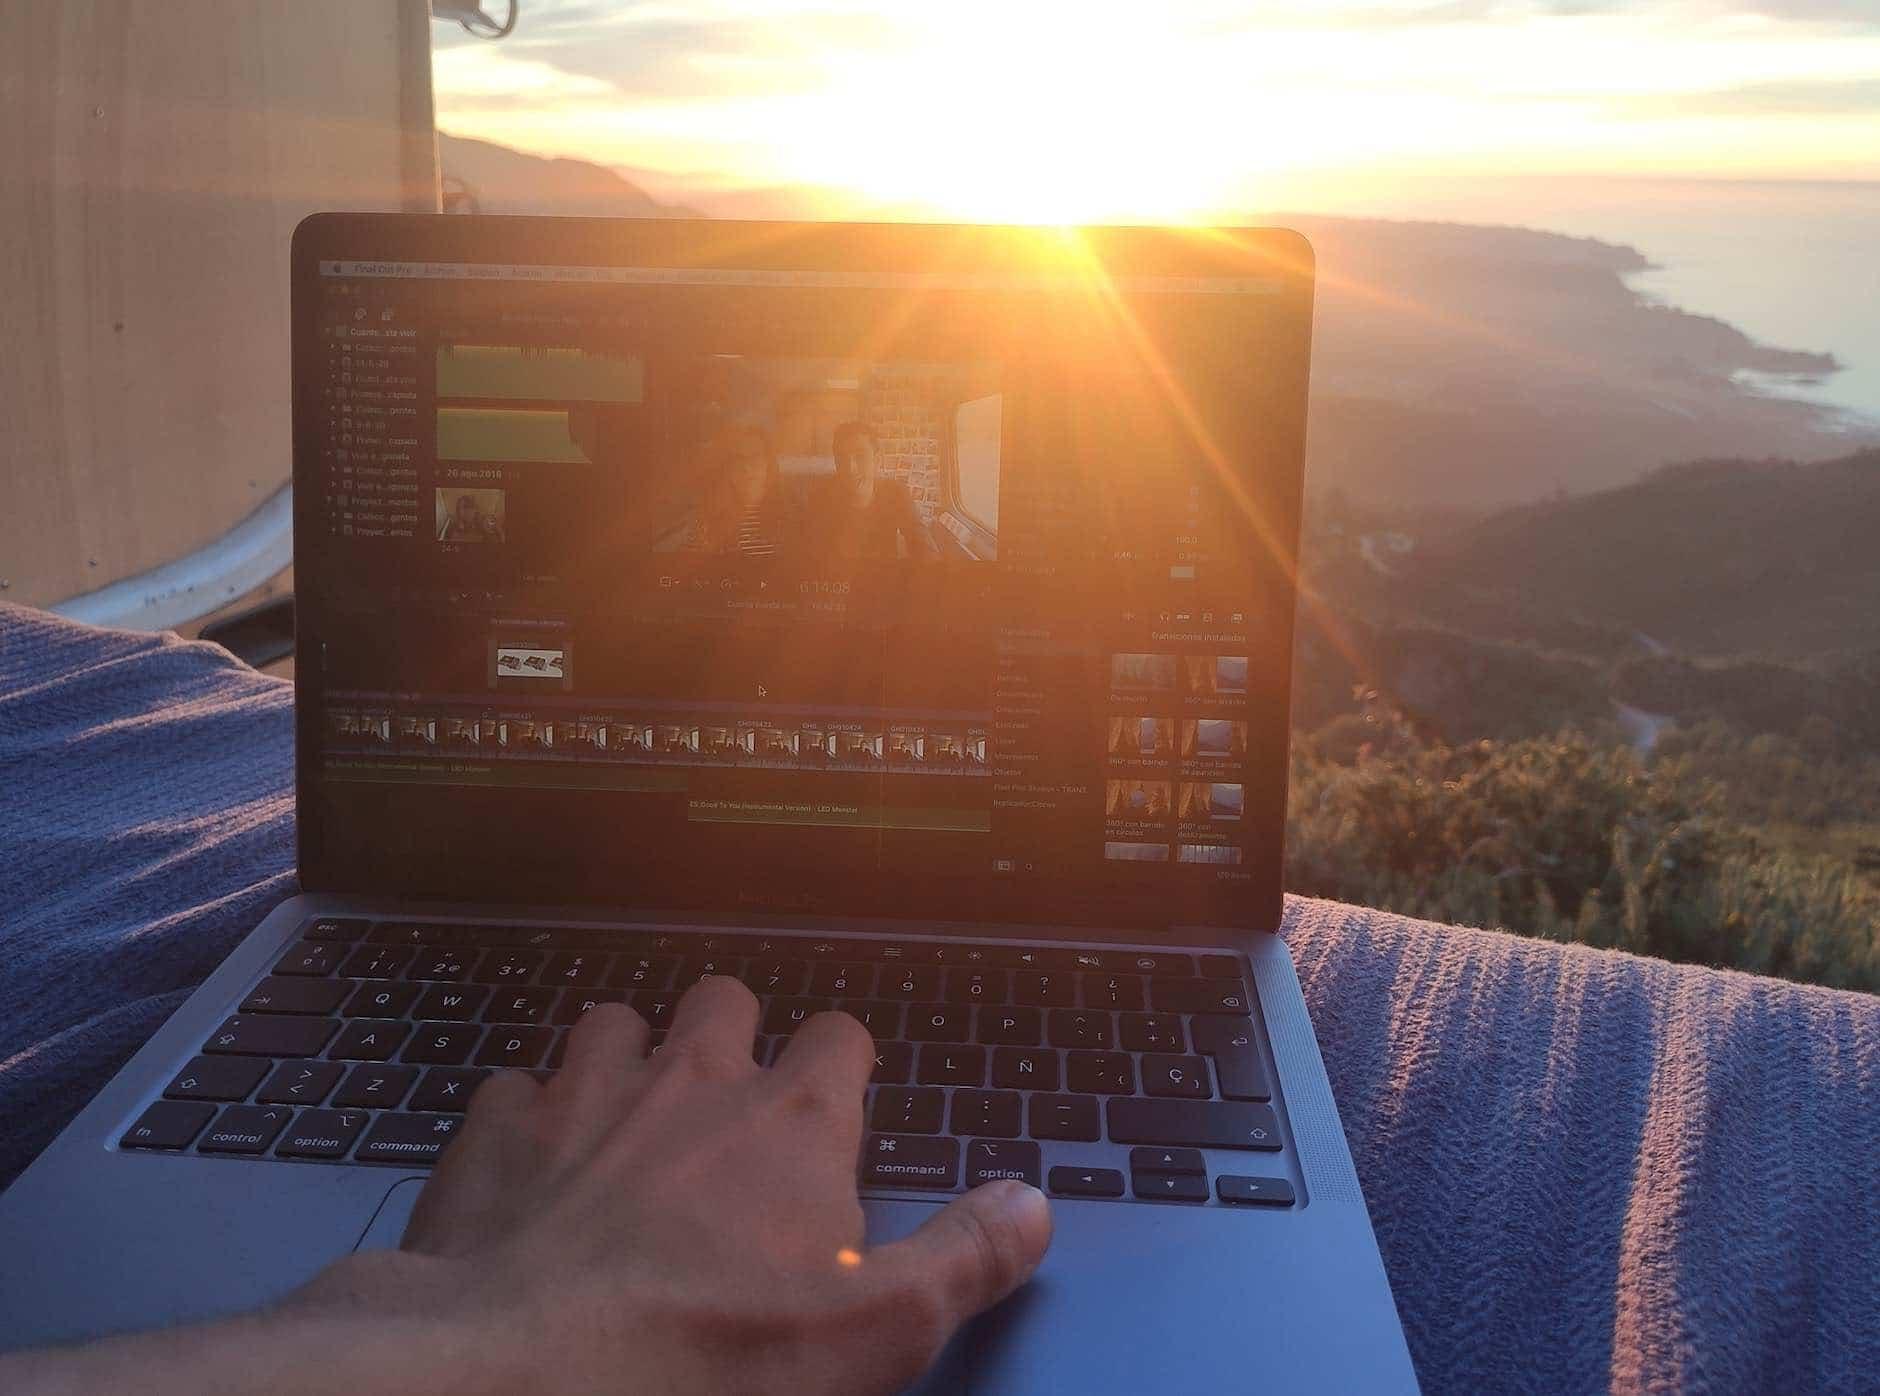 Tenemos la suerte de poder trabajar con vistas de paisajes espectaculares